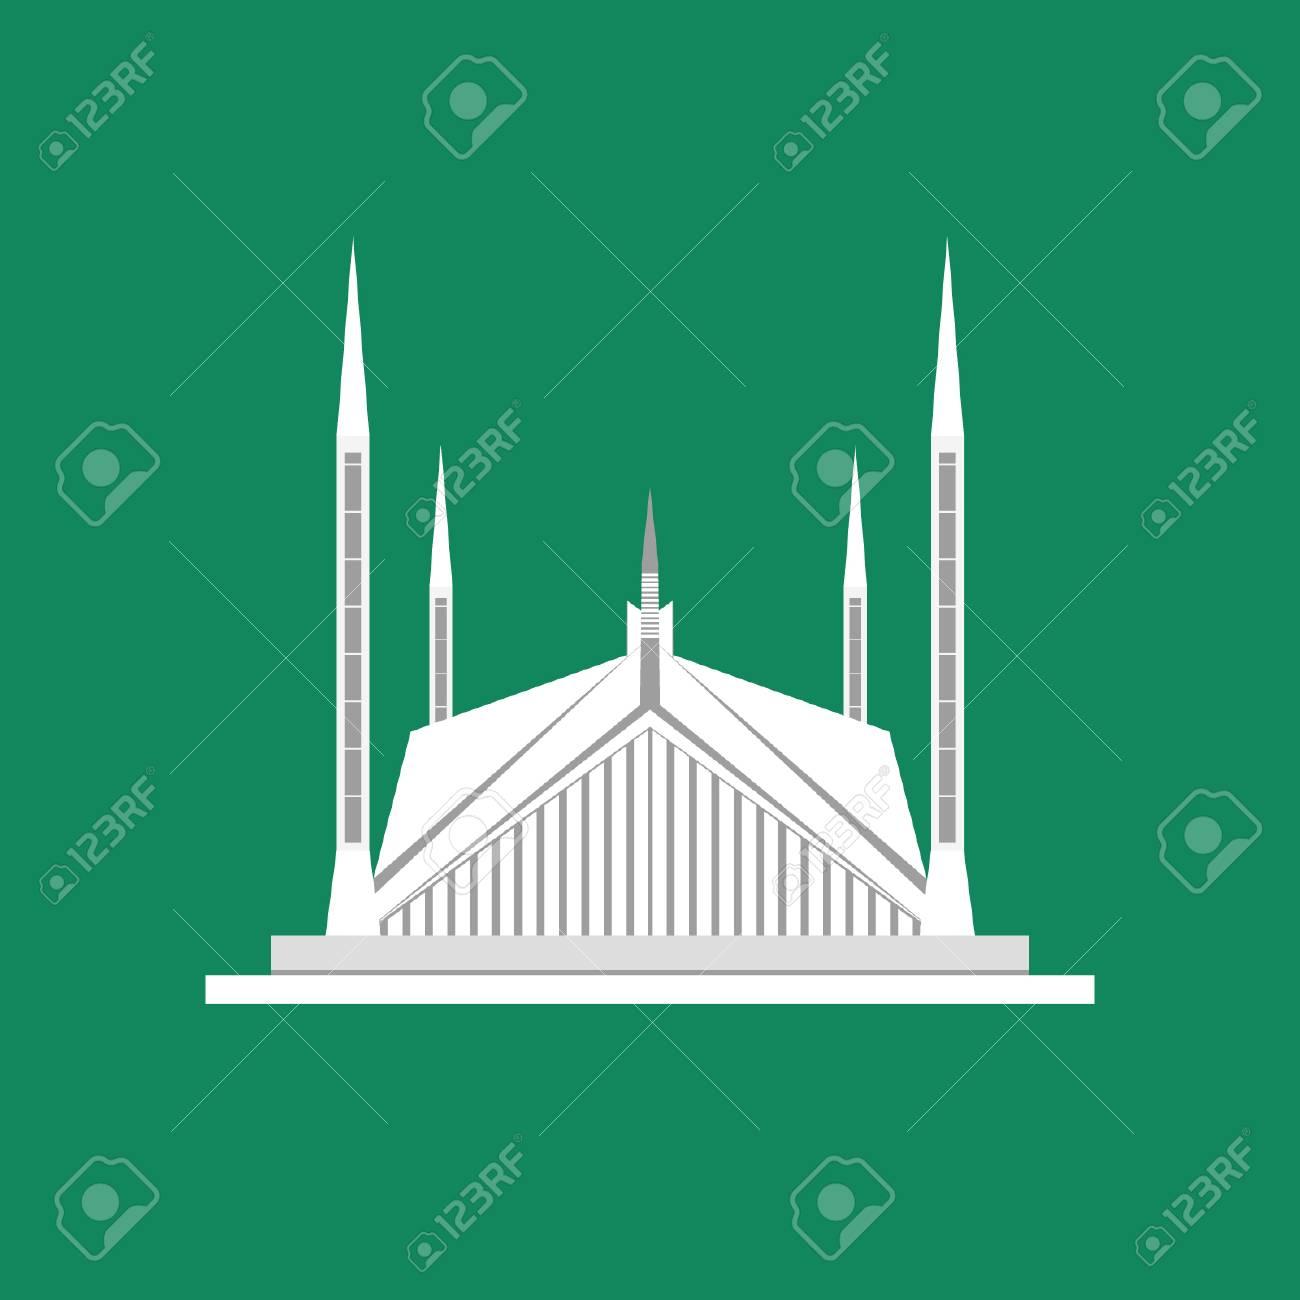 Faisal Mosque - Landmark of Pakistan - 110619486